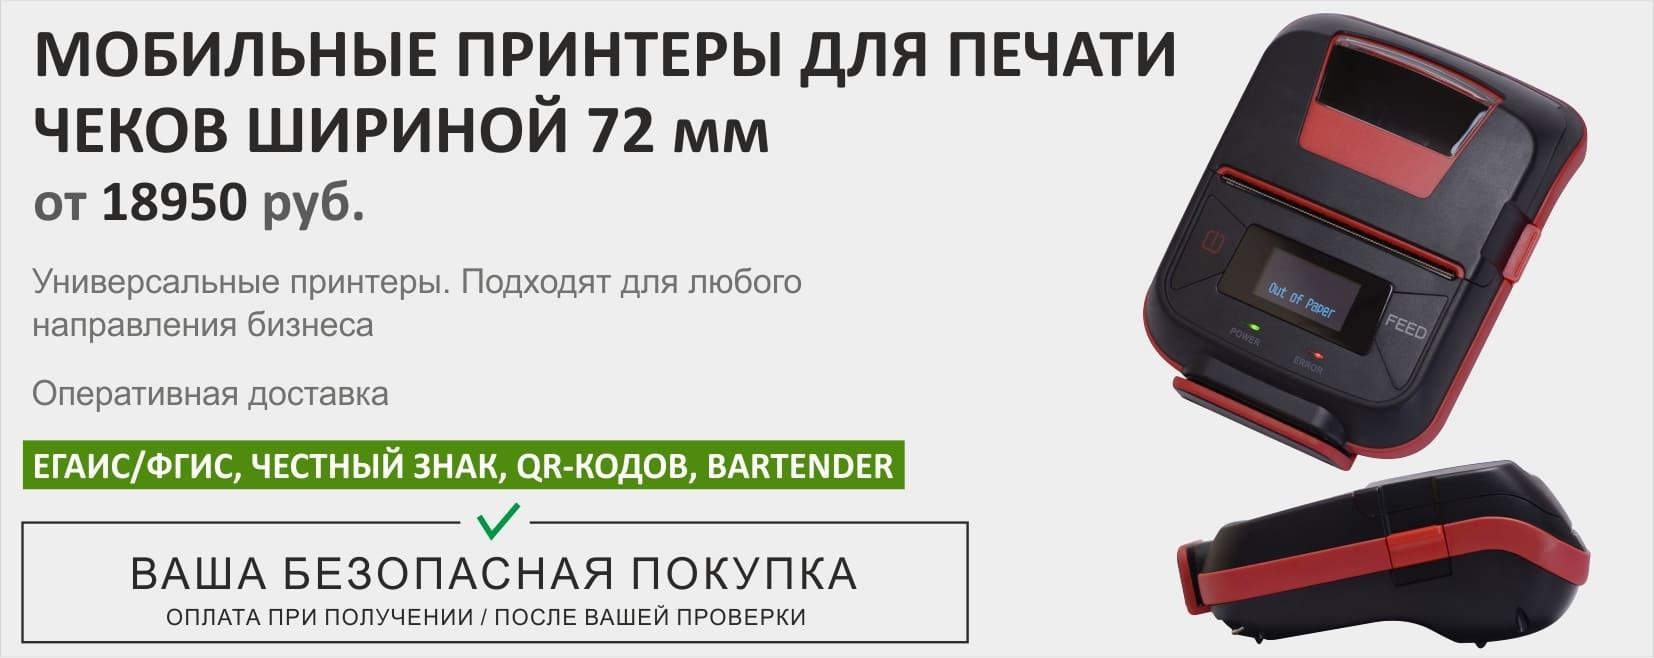 - Принтеры для чеков до 72 мм